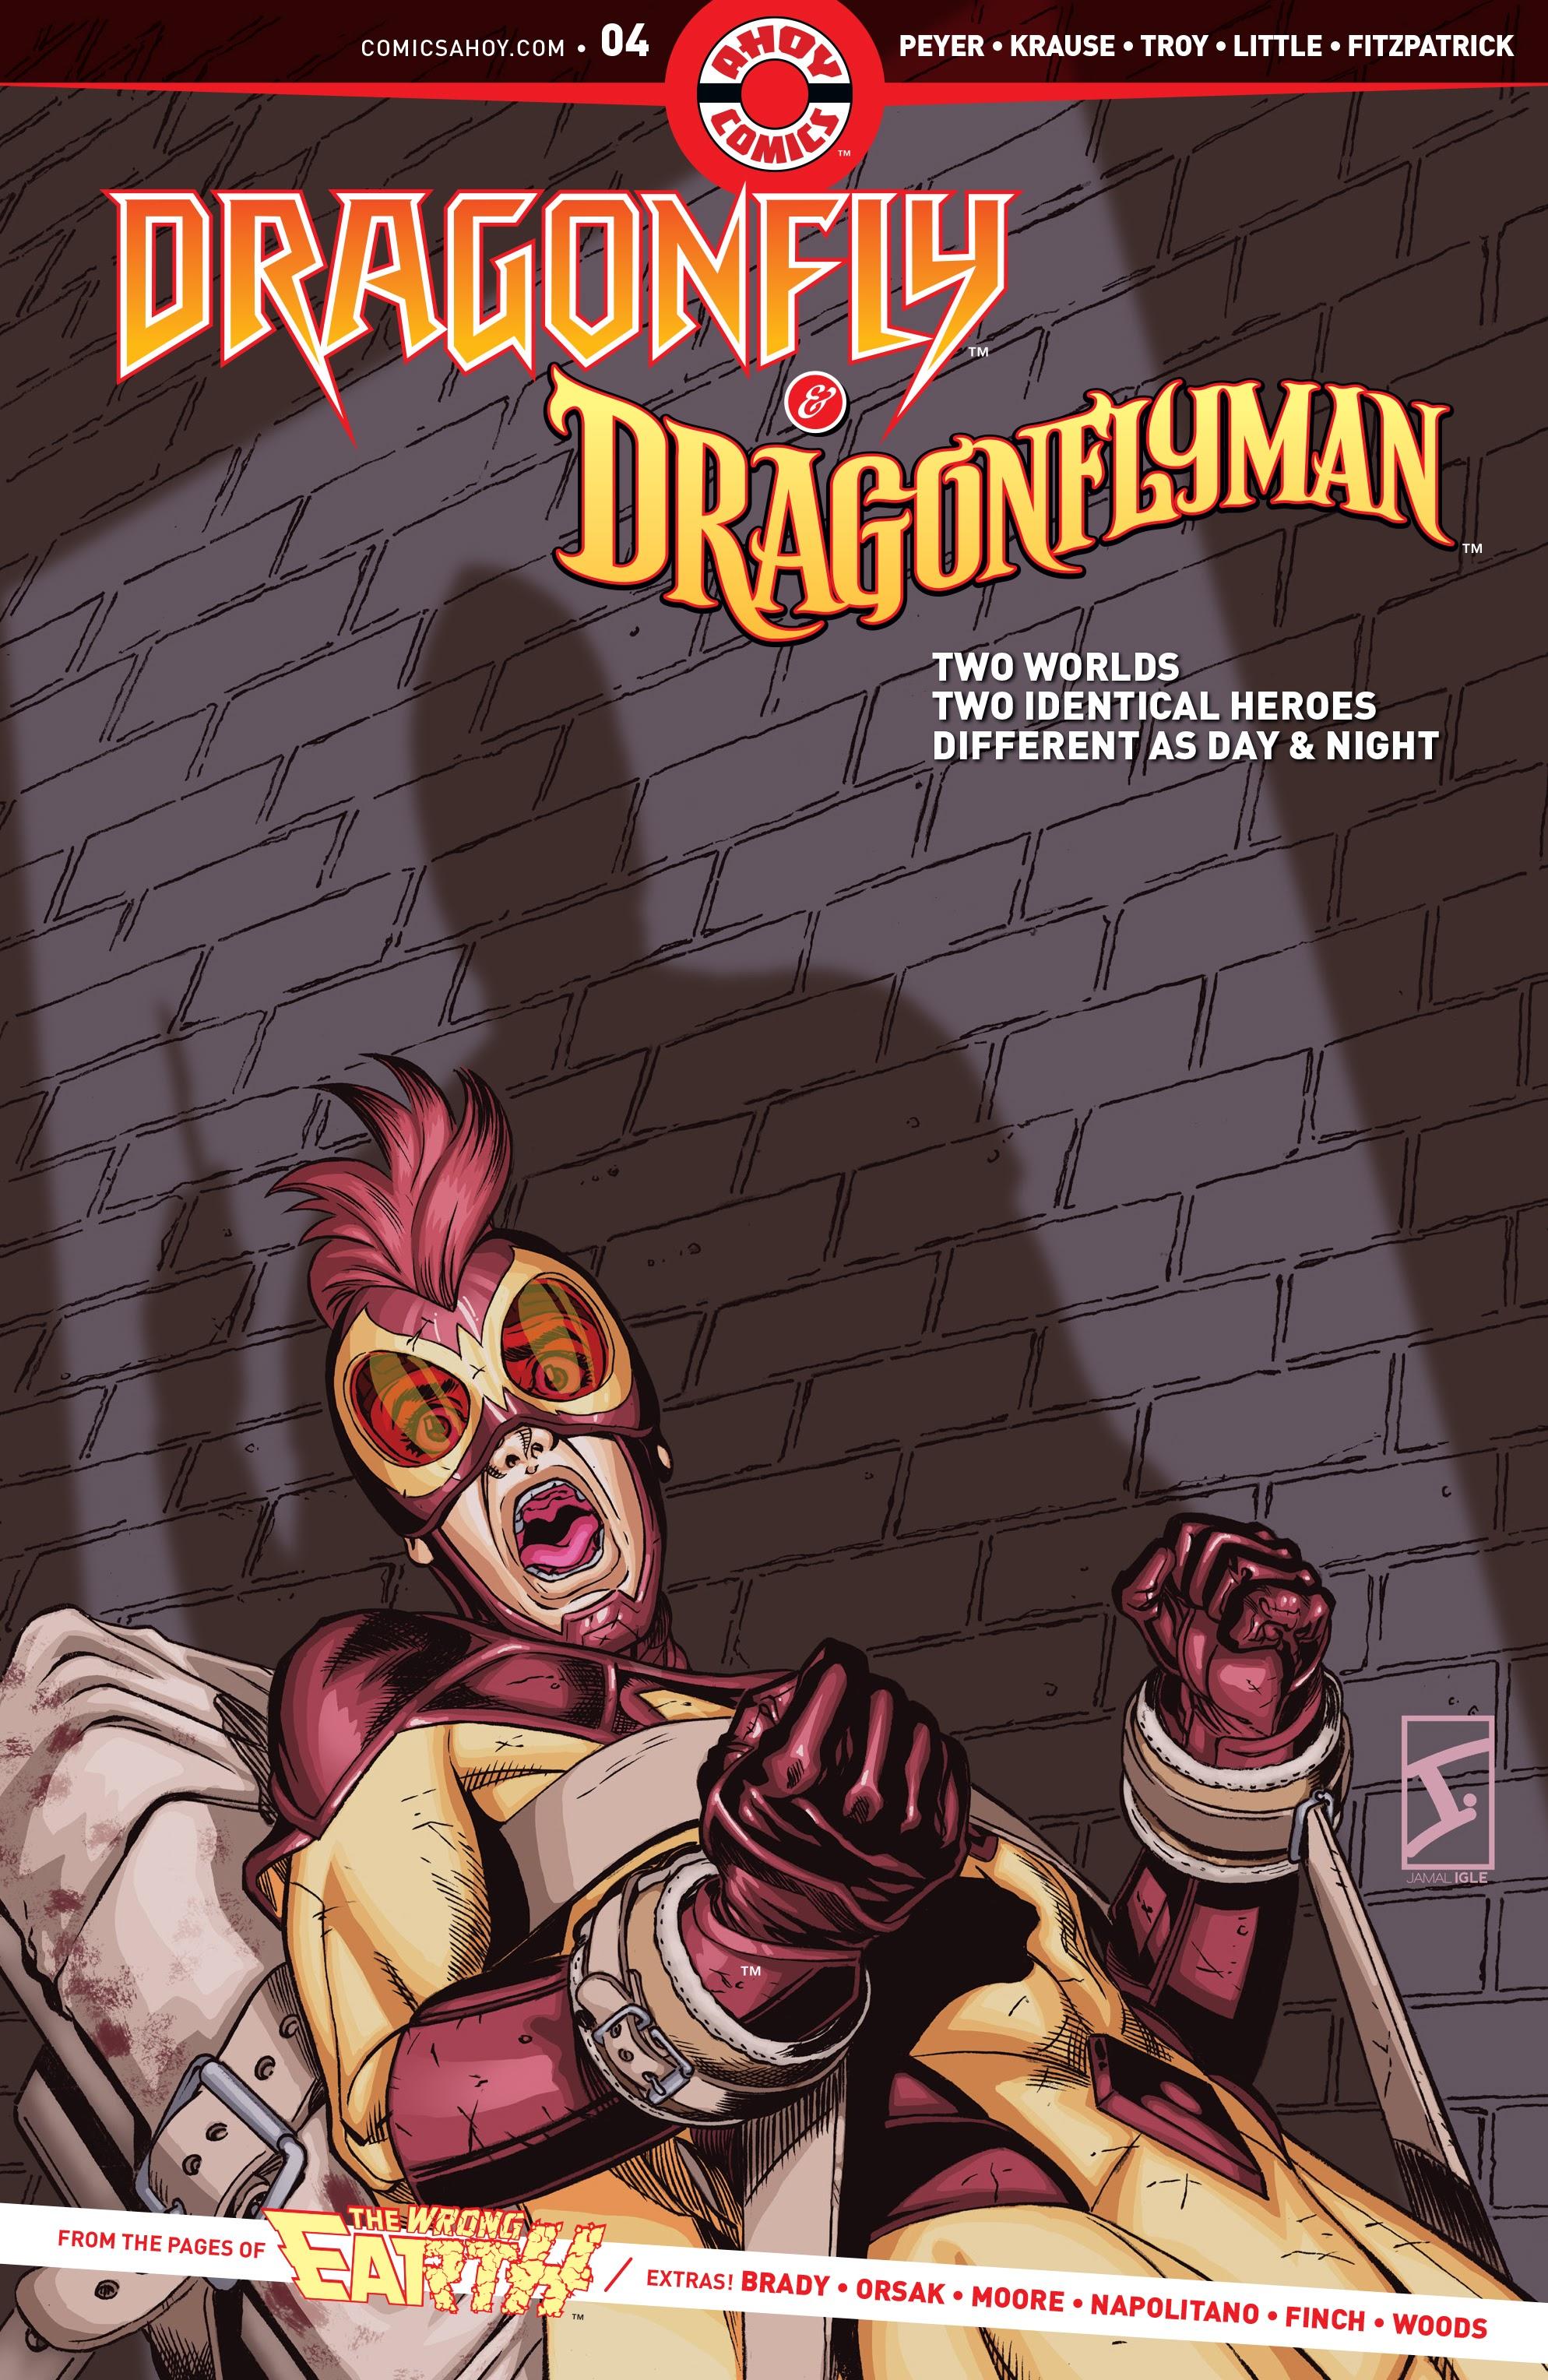 Dragonfly & Dragonflyman 4 Page 1